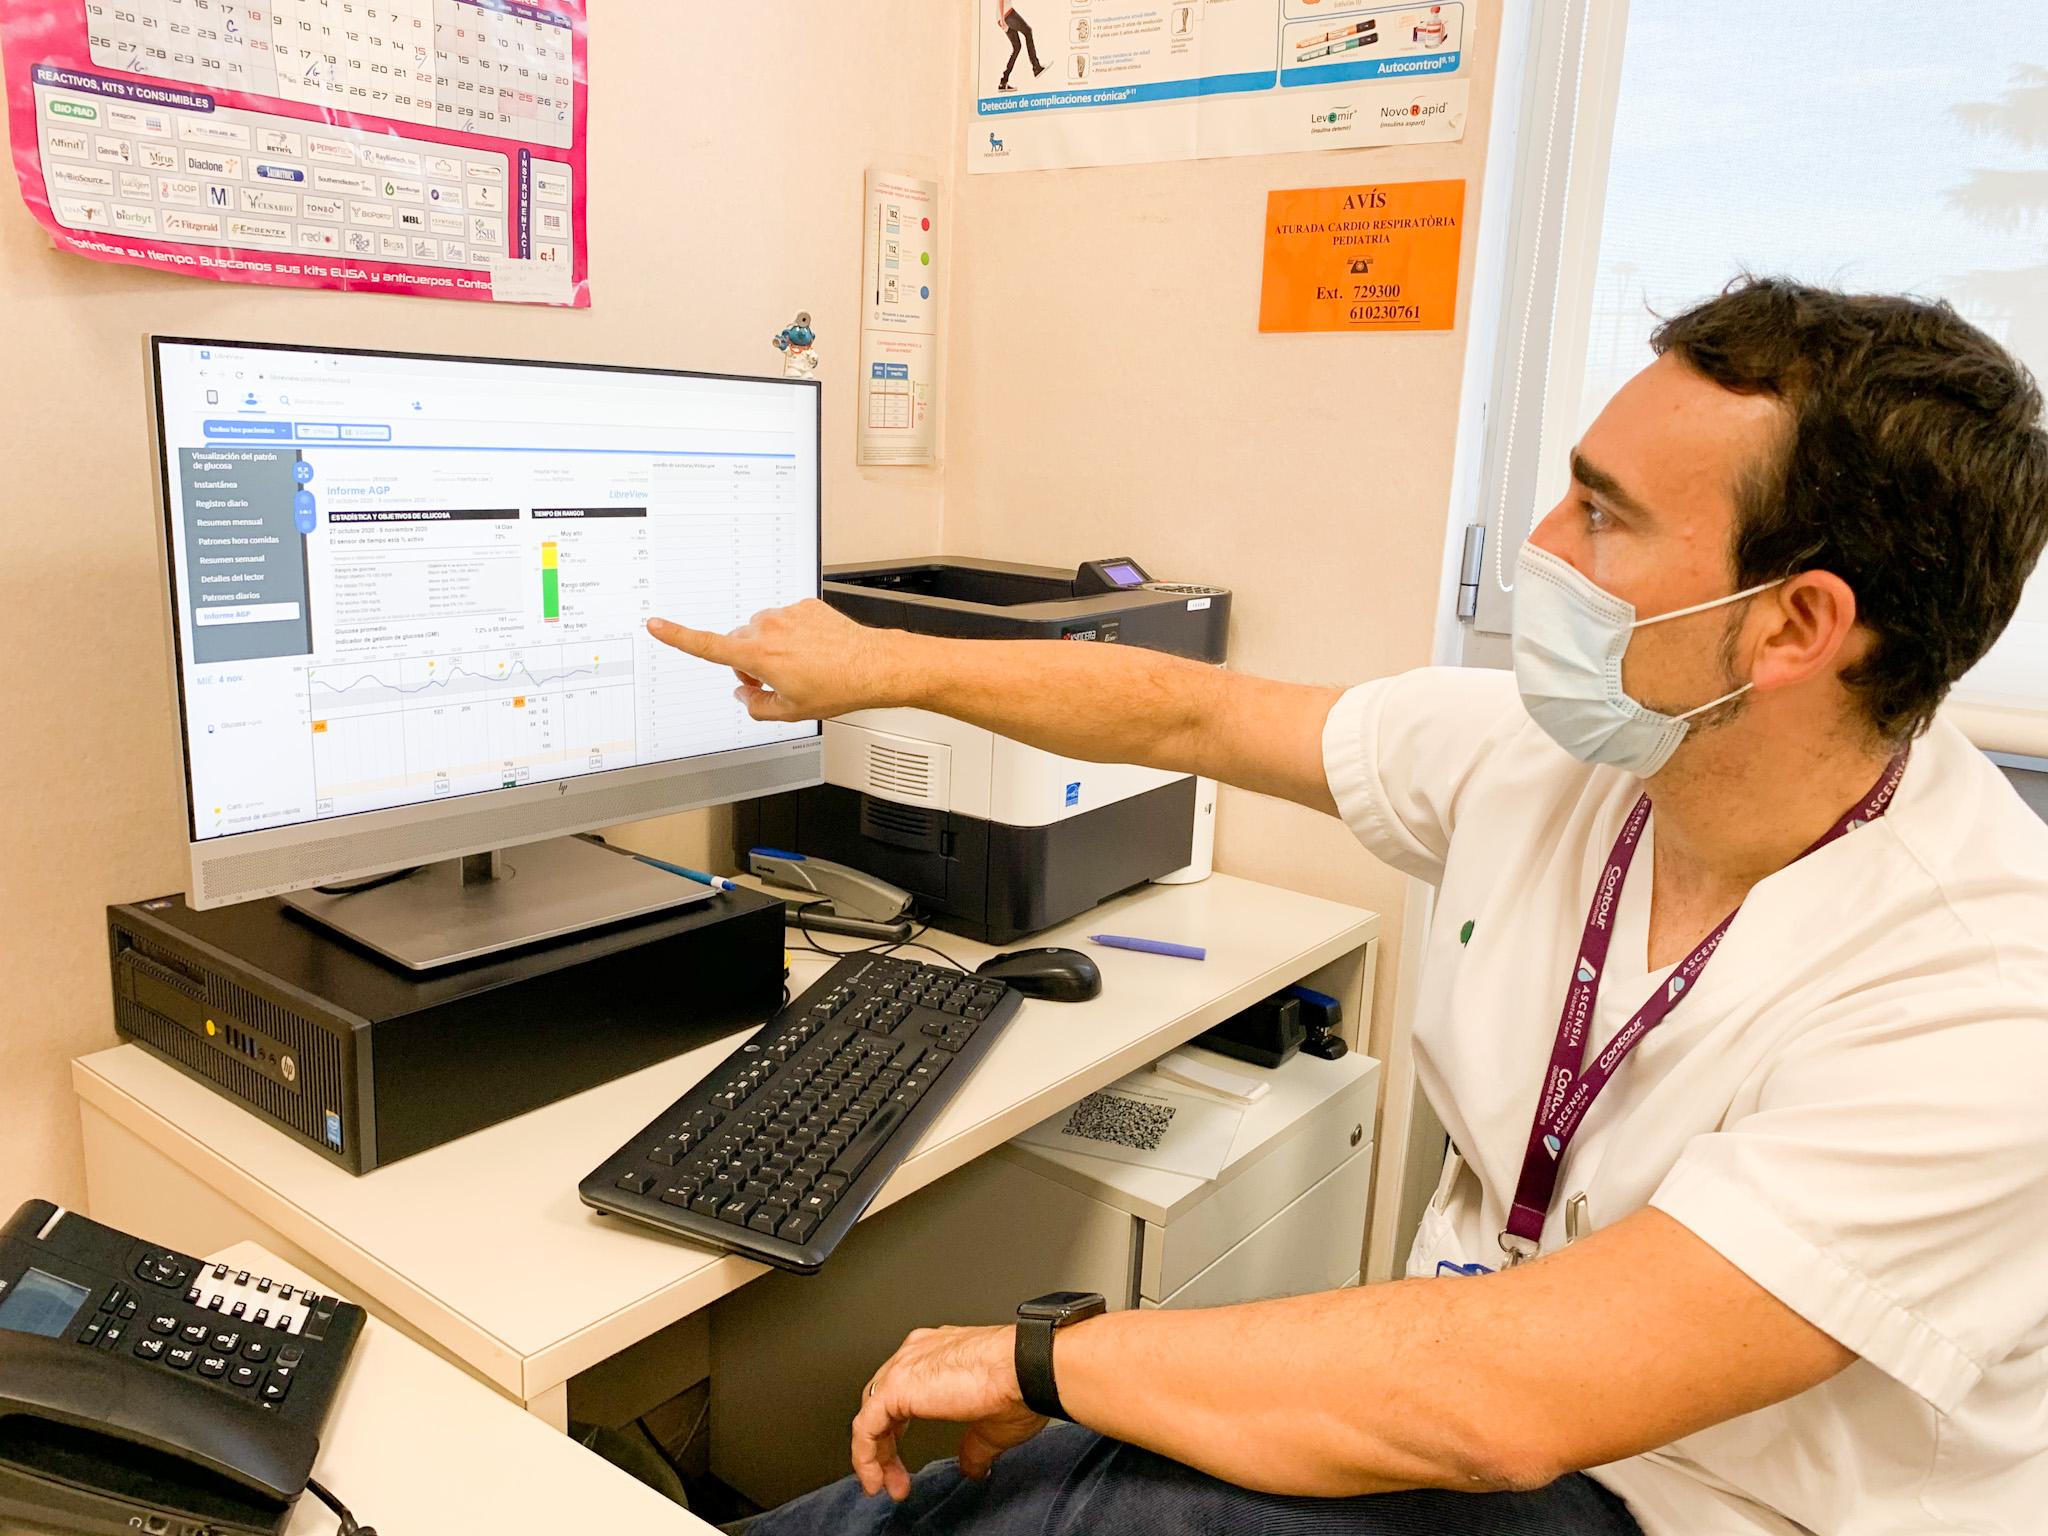 El 93% de los pacientes pediátricos del Parc Taulí con diabetes tipo 1 ya son portadores de los sensores de glucemia que permiten su monitorización remota las 24 horas